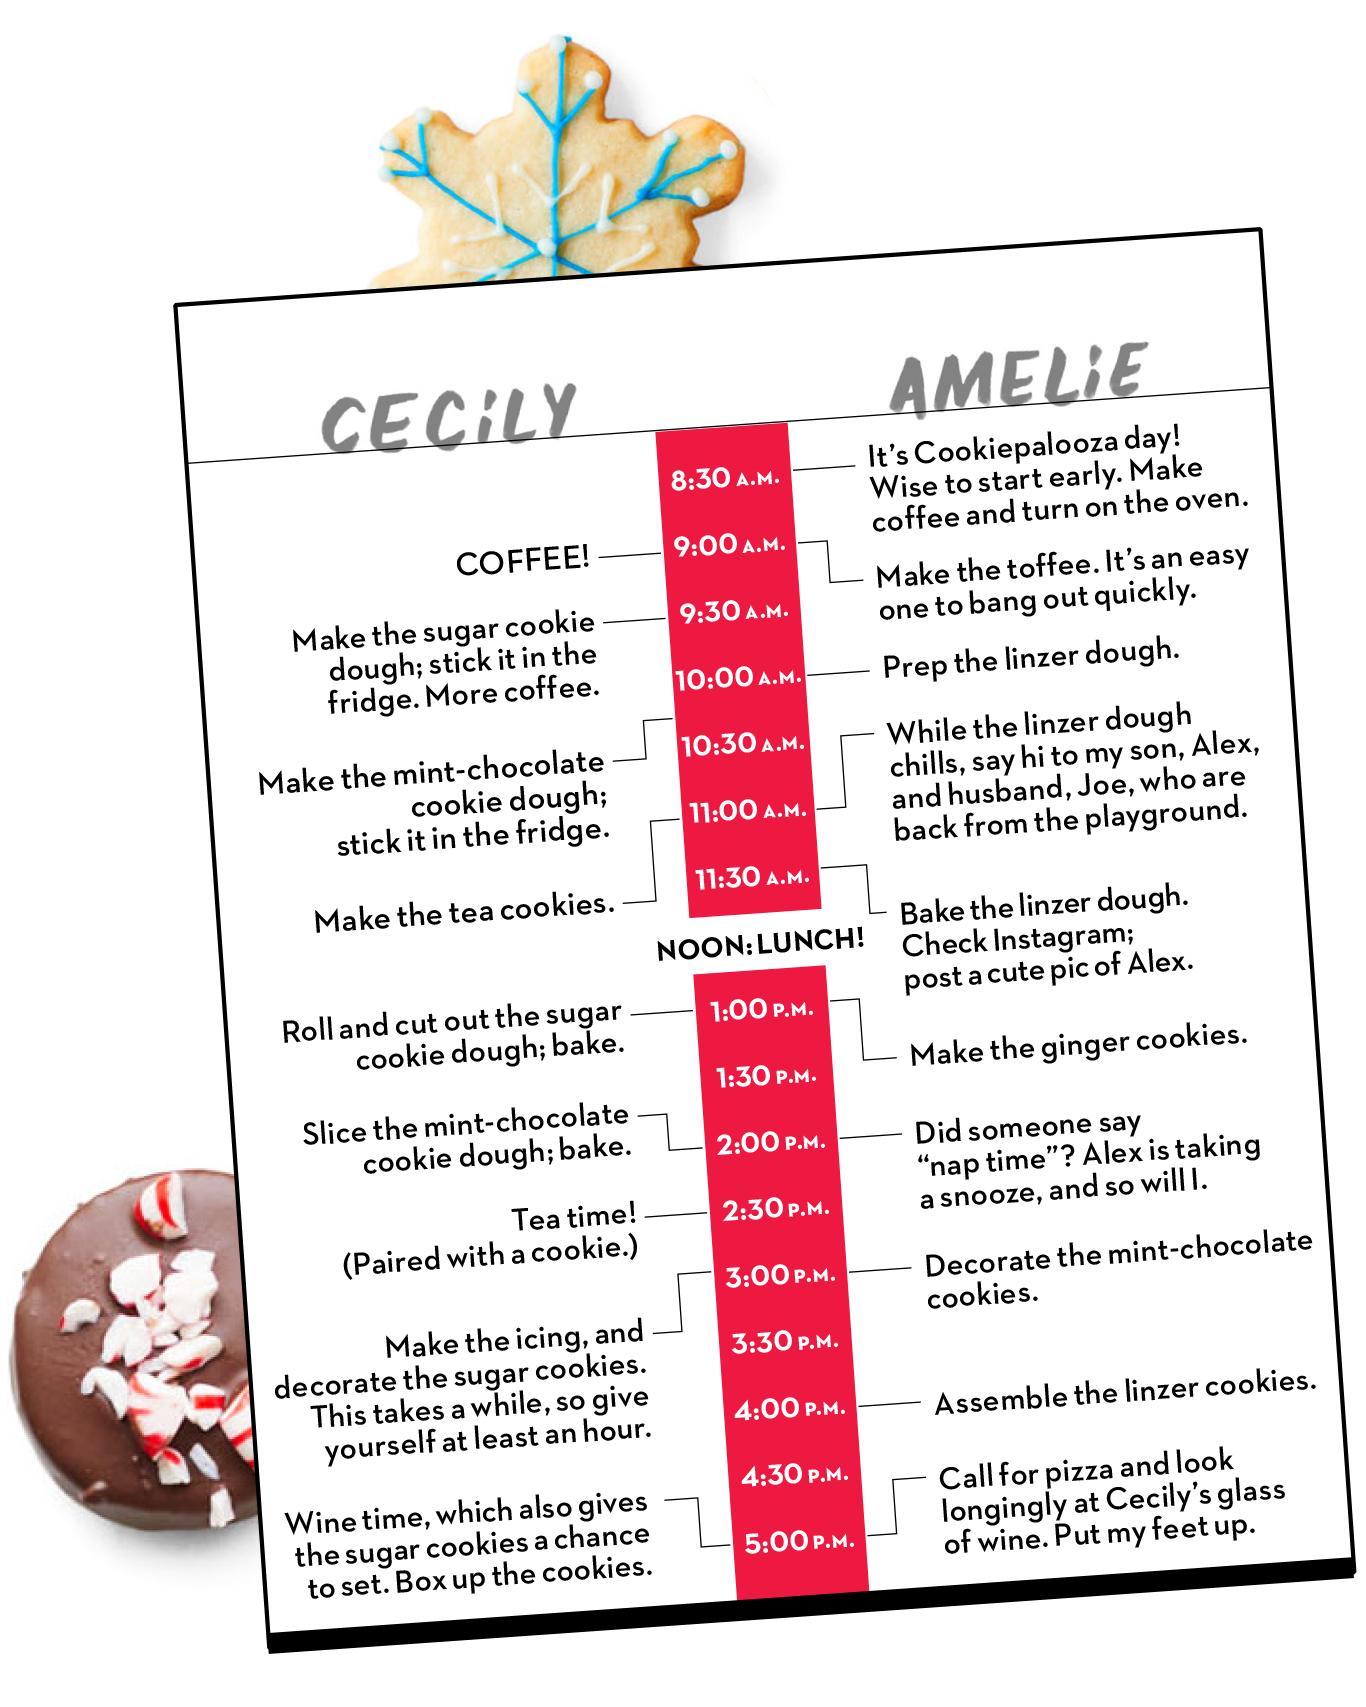 Cookiepalooza schedule